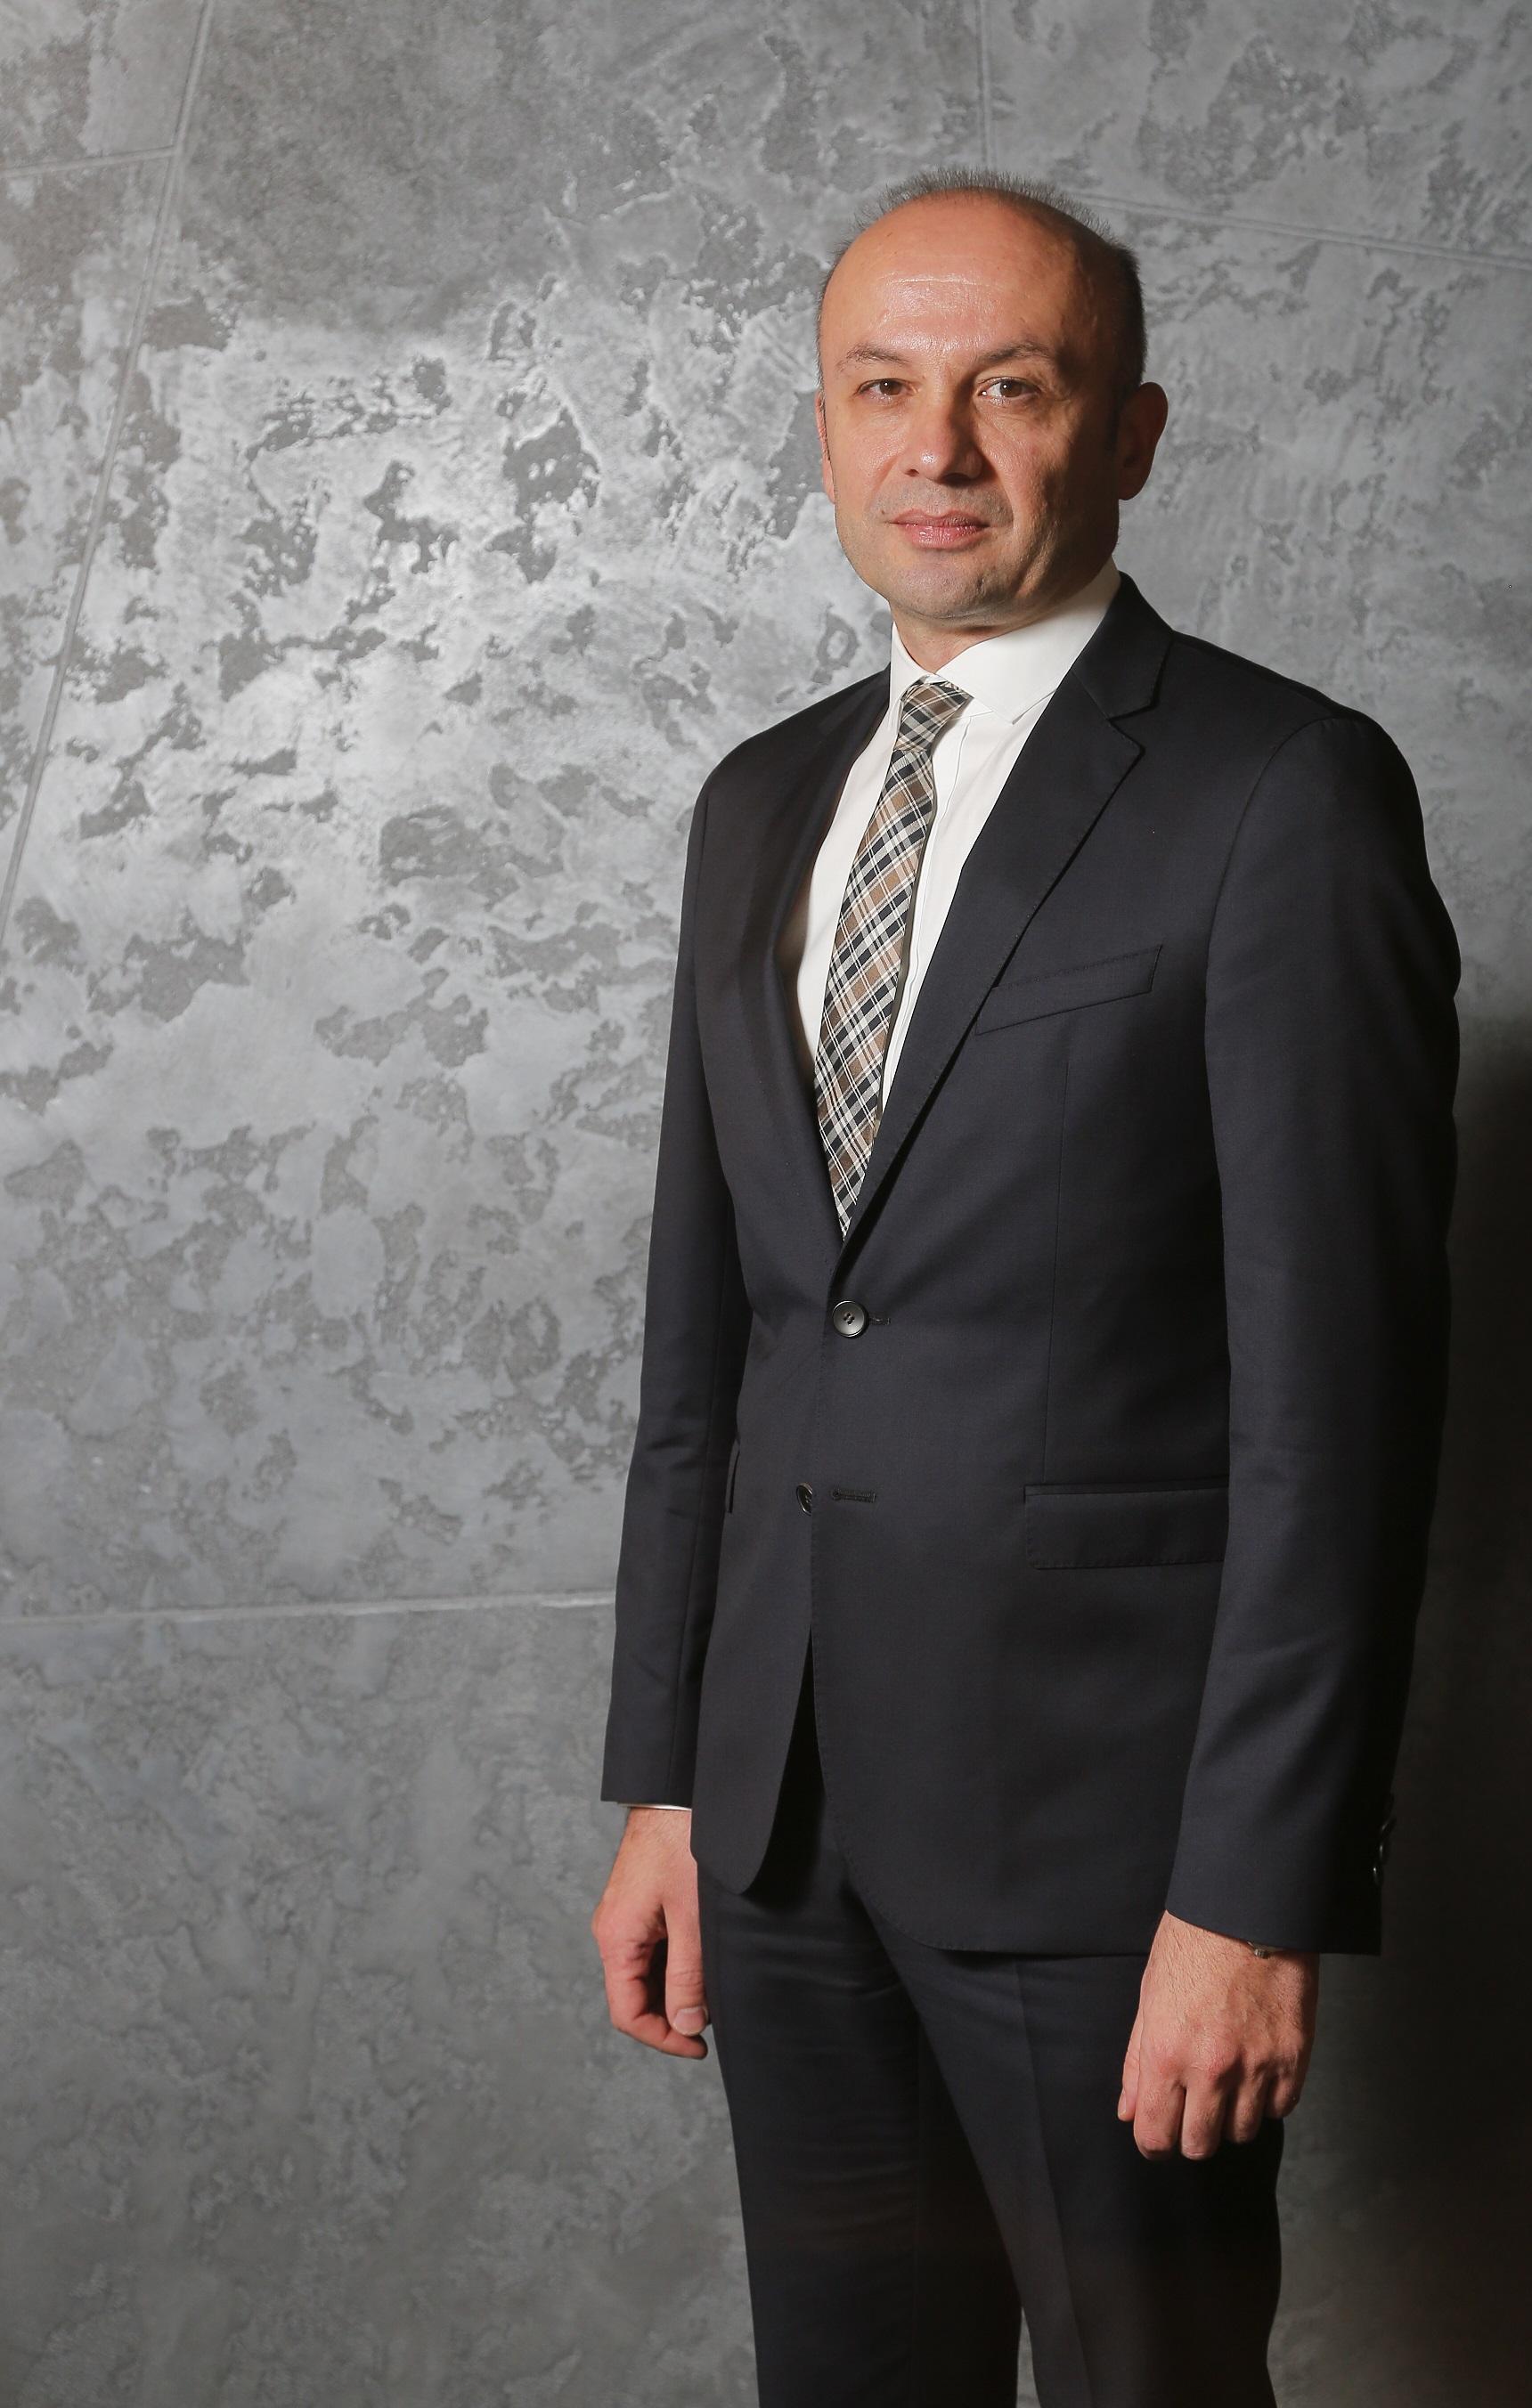 """GF Hakan Plastik Operasyonlar Direktörü Kenan Aydoğdu: """"Enerji verimliliğimizi artıran yatırımlarımız devam edecek"""""""